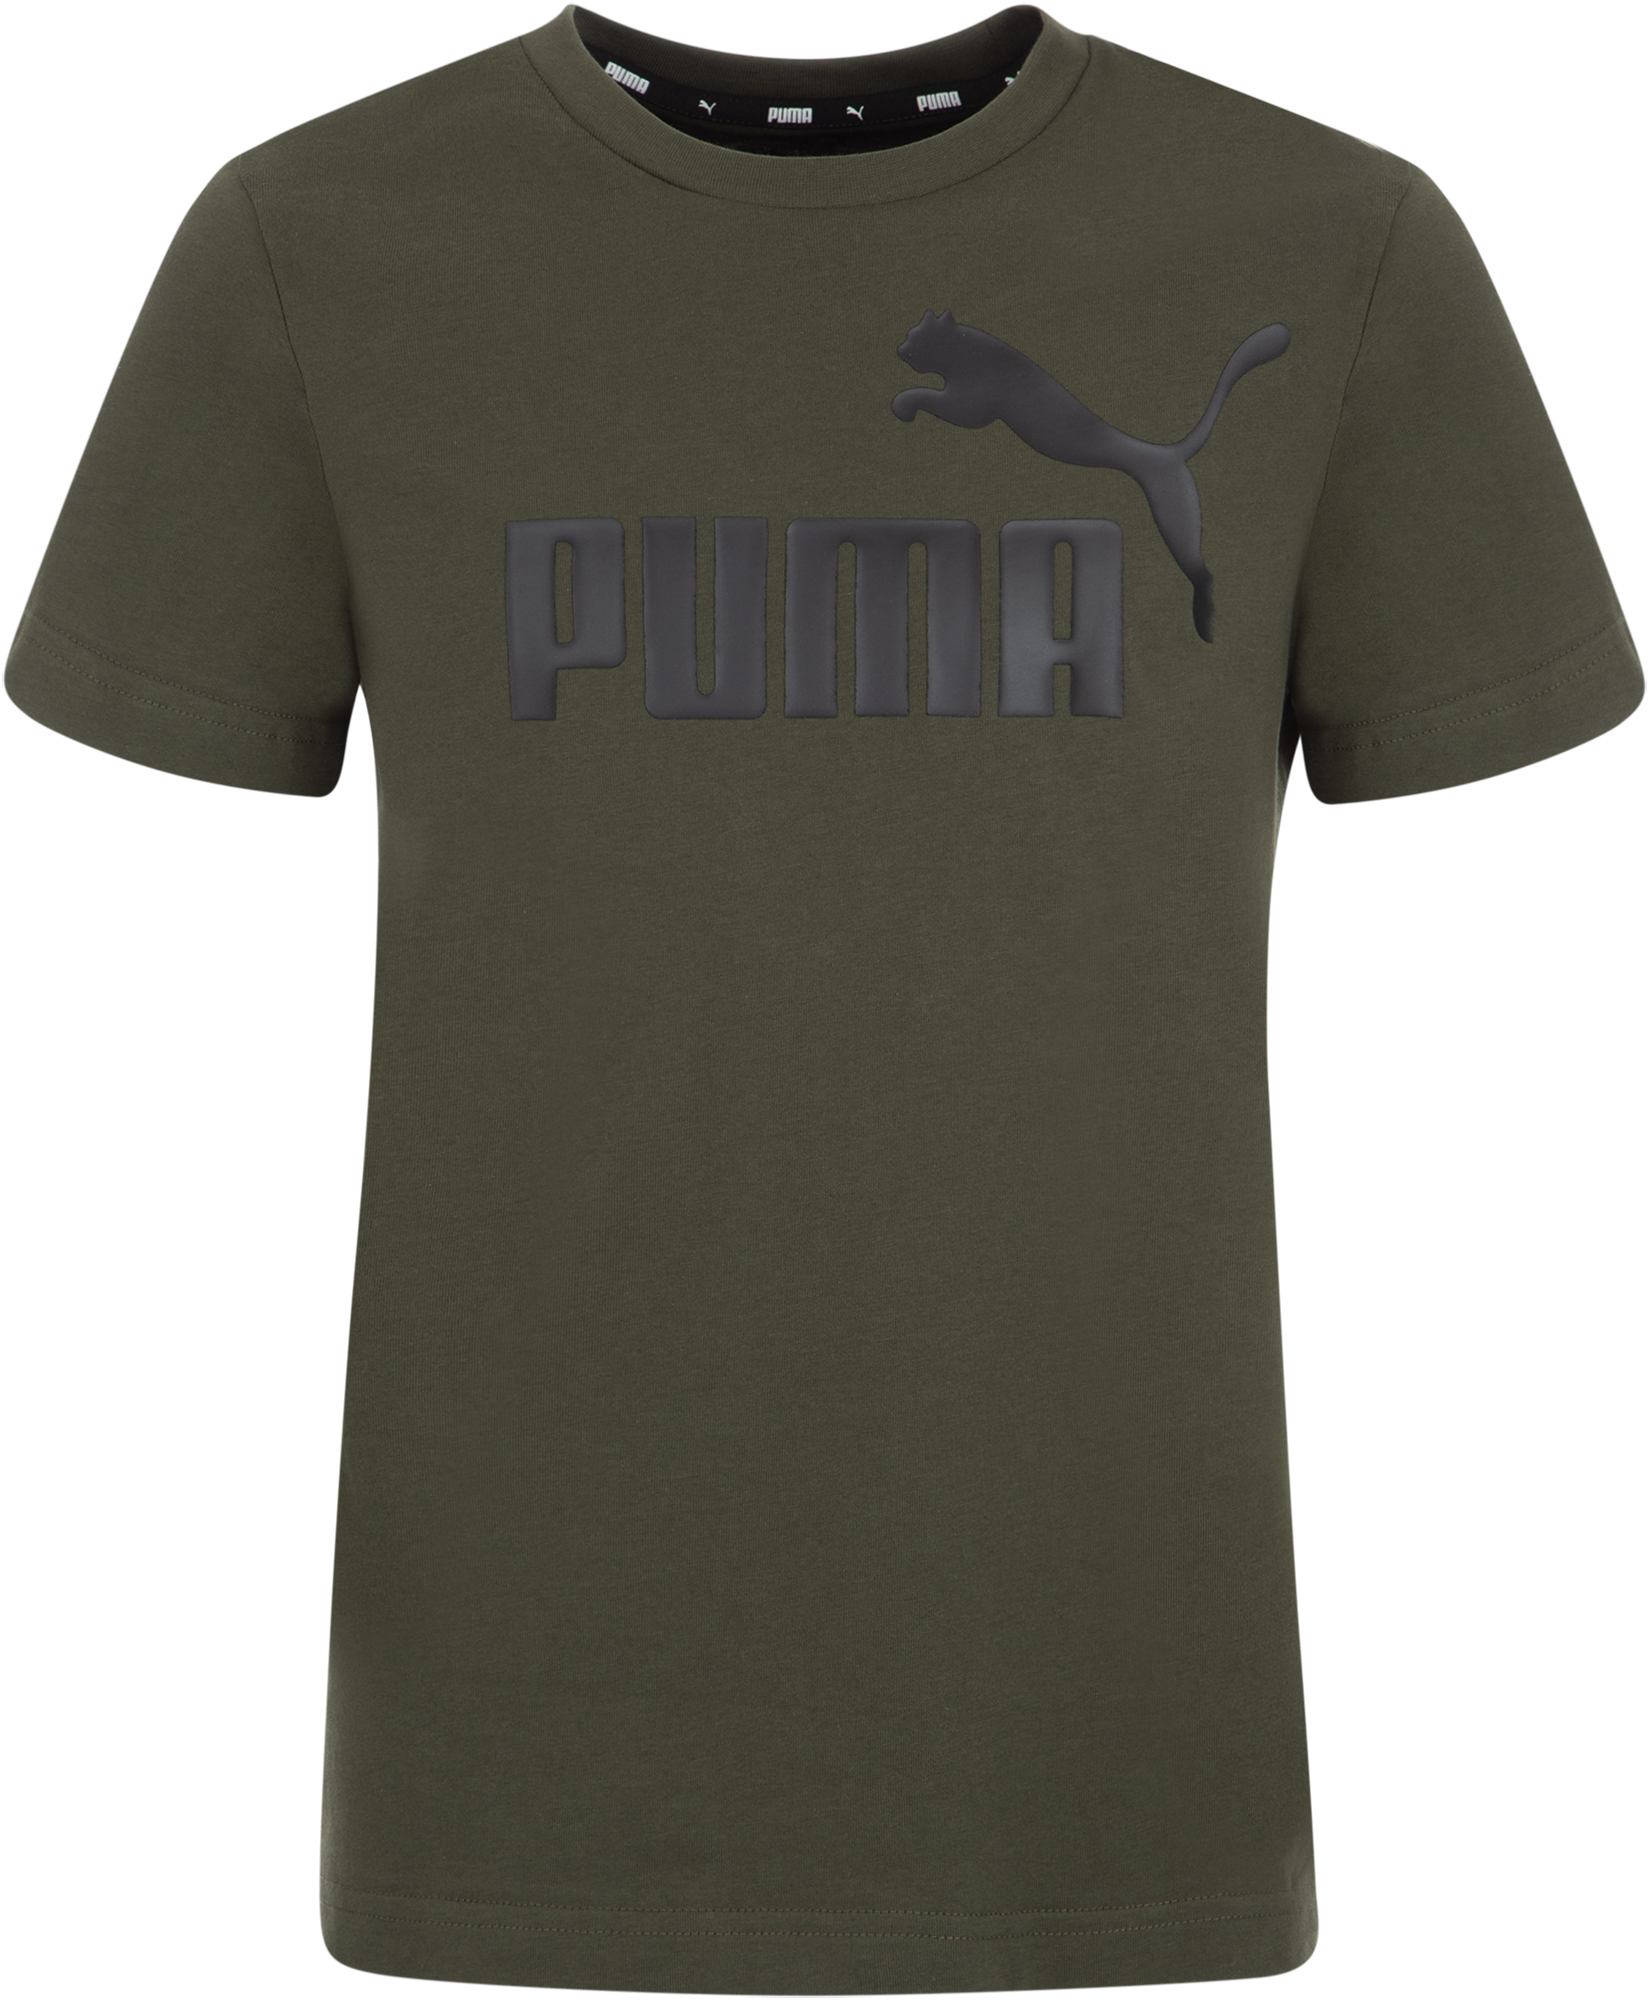 Puma Футболка для мальчиков Puma ESS Logo Tee B, размер 152 стоимость